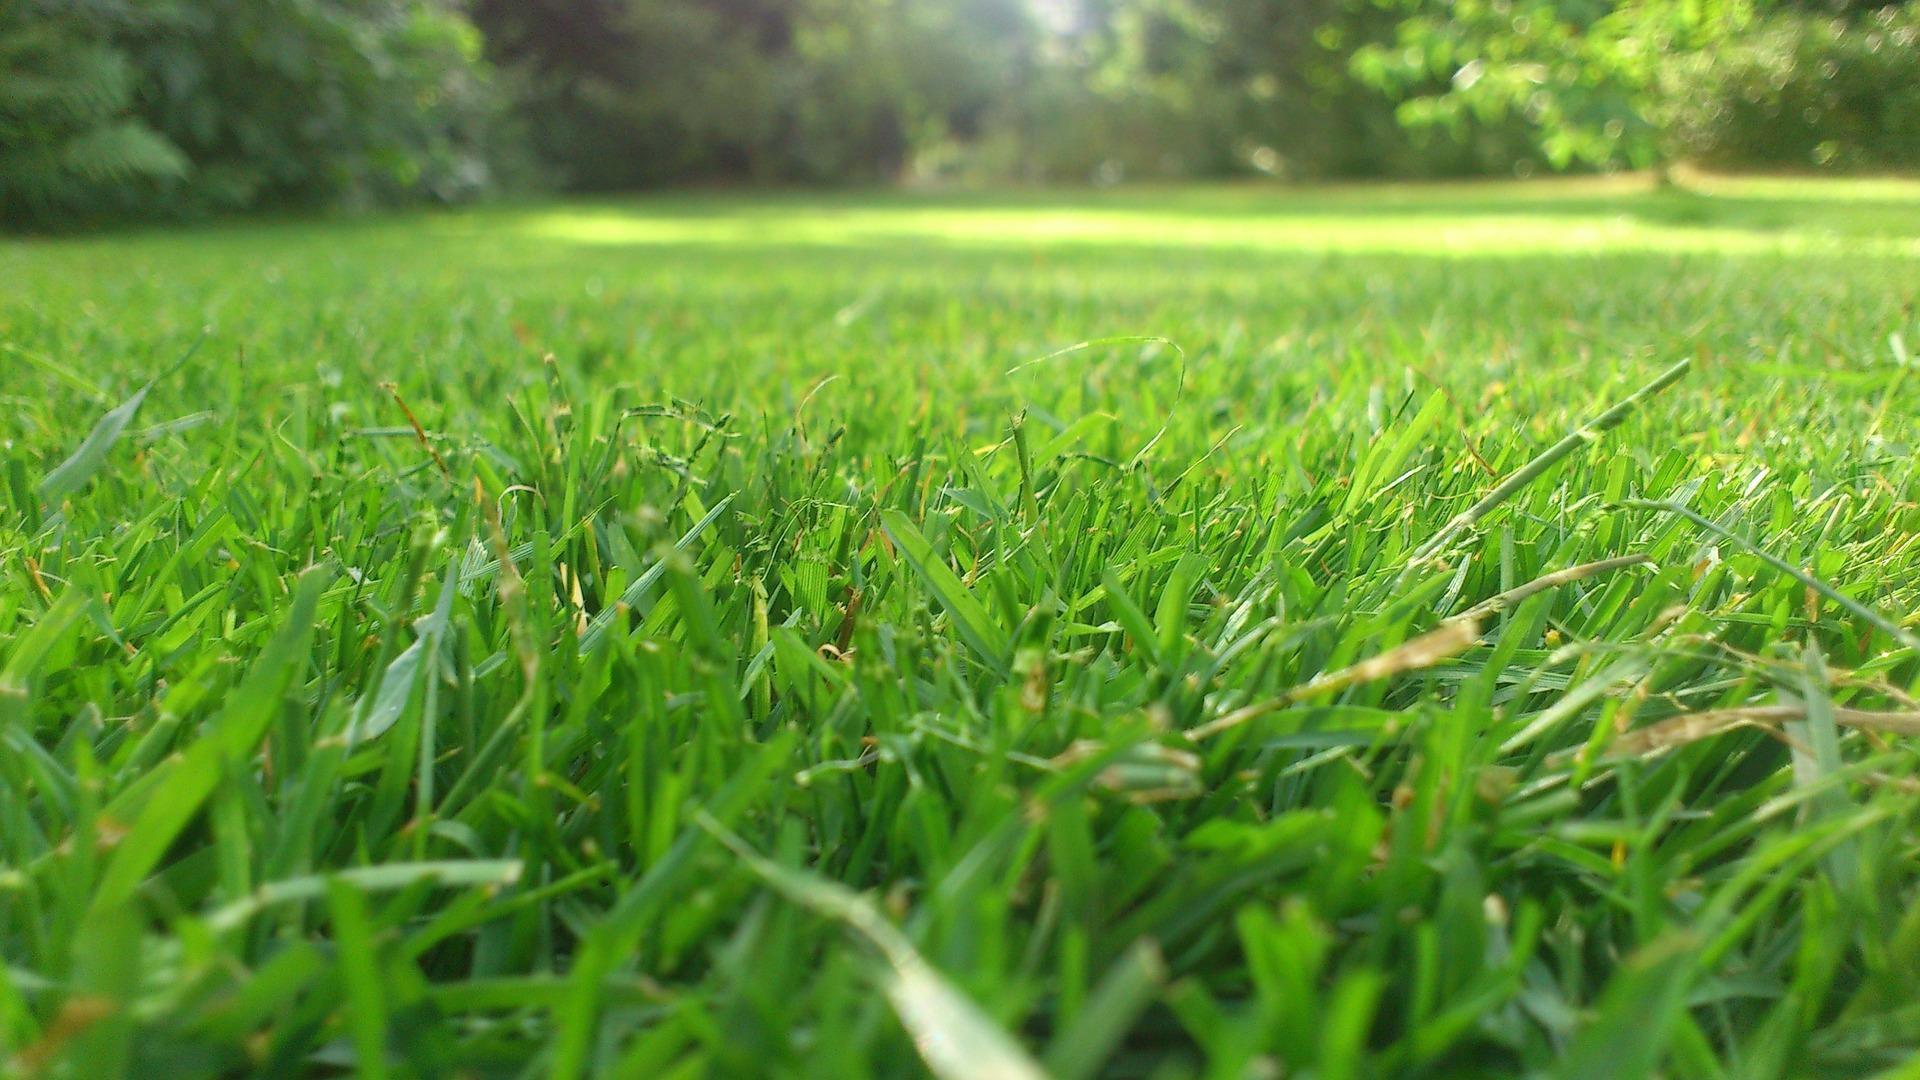 Grass Cutting John P Langan